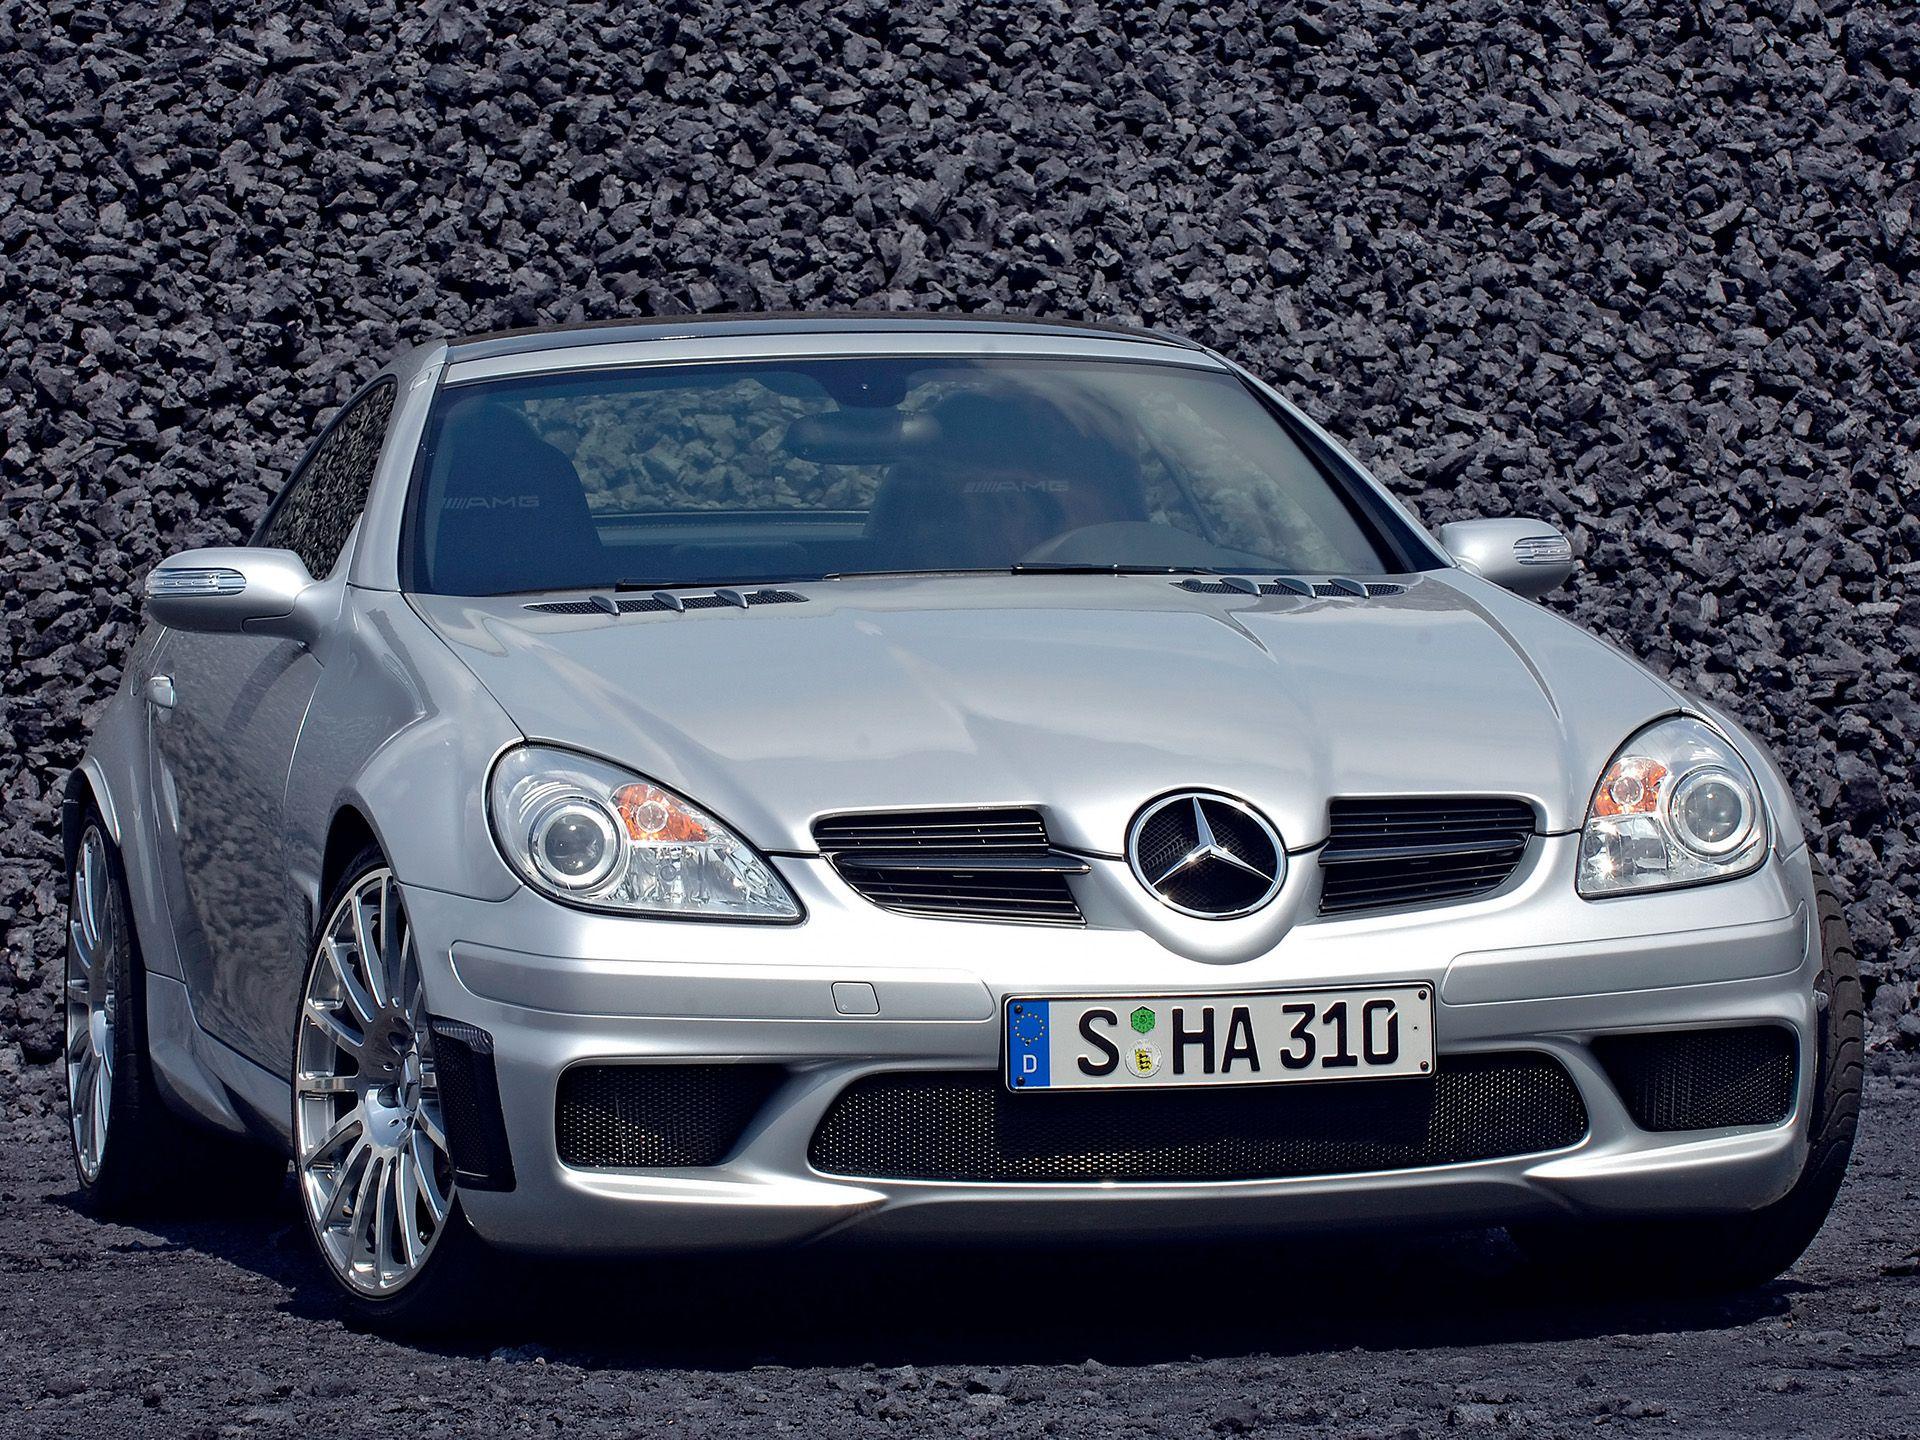 2007 Mercedes-Benz SLK 55 AMG Black Series Image